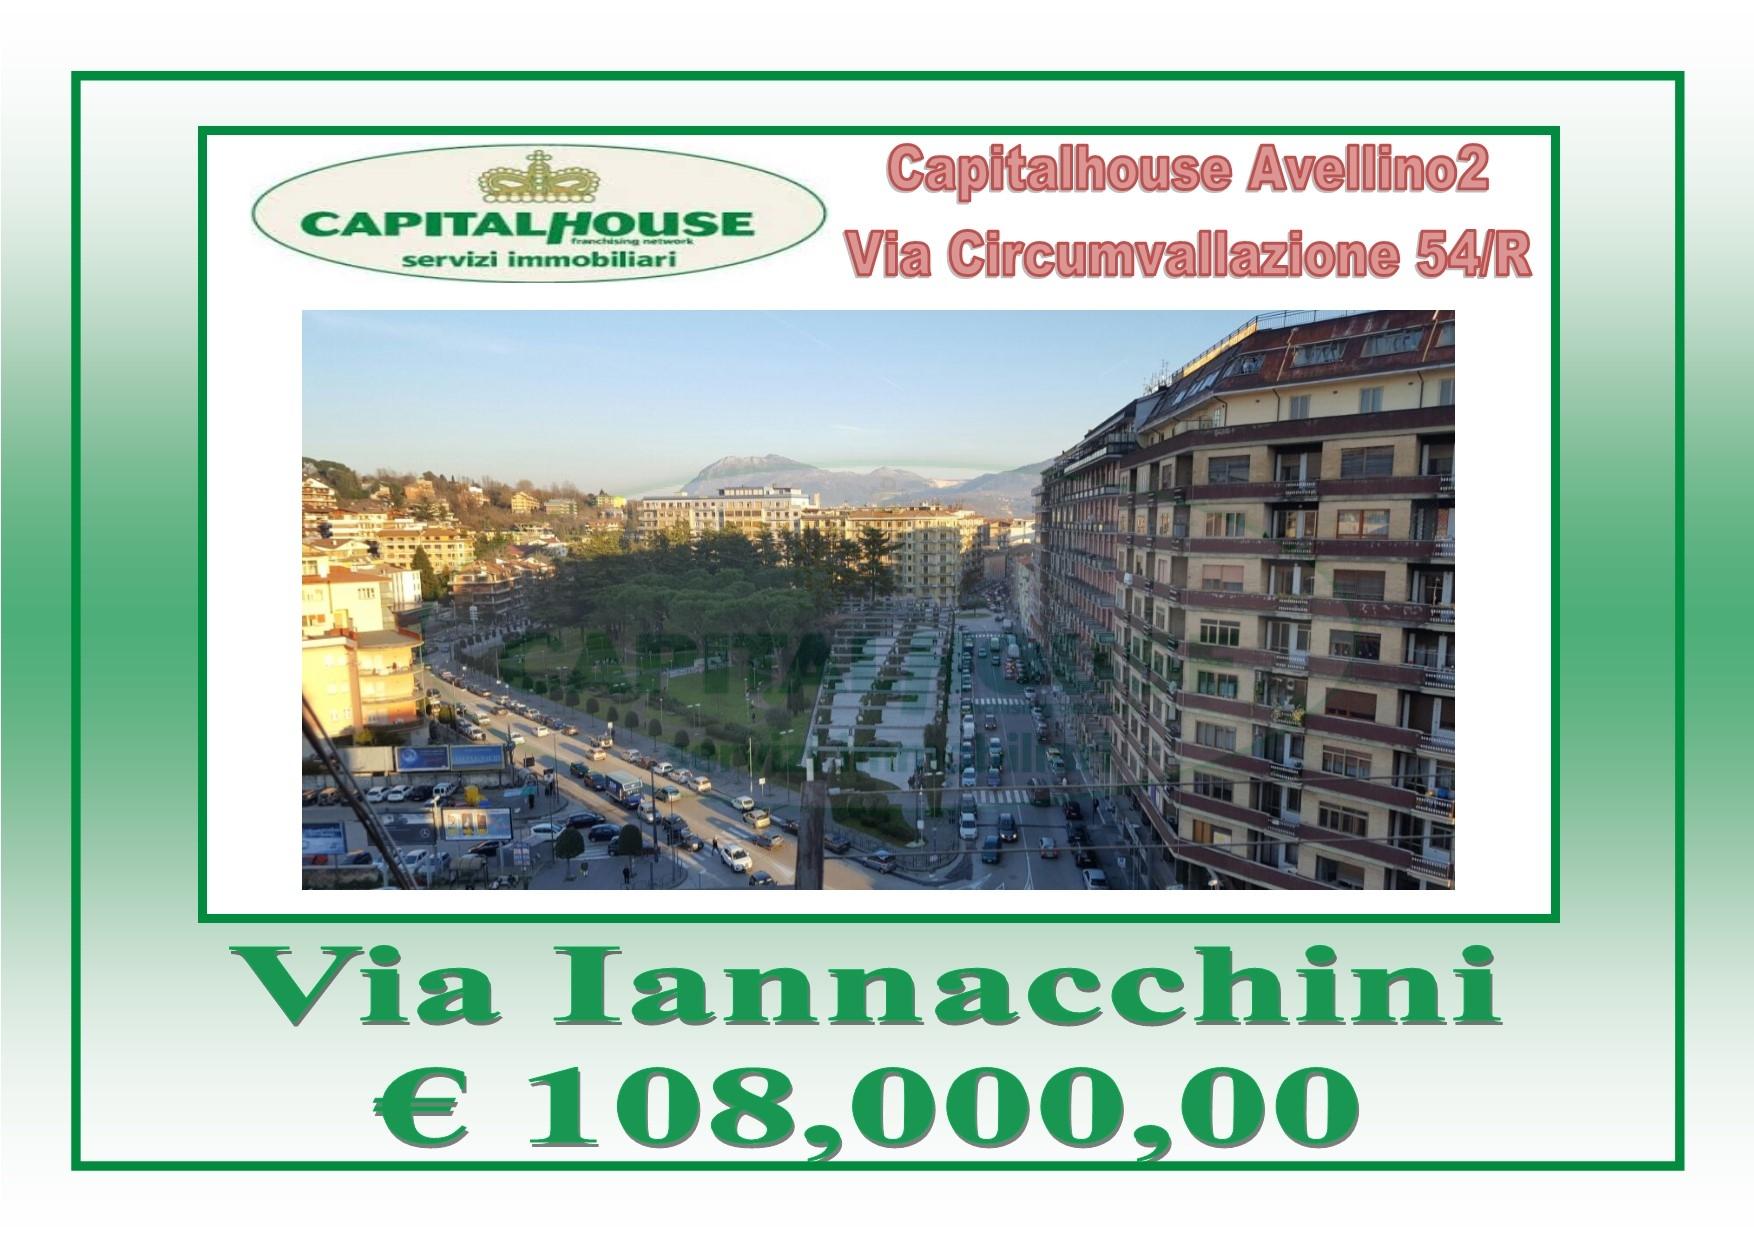 Appartamento in vendita a Avellino, 3 locali, prezzo € 108.000 | Cambio Casa.it